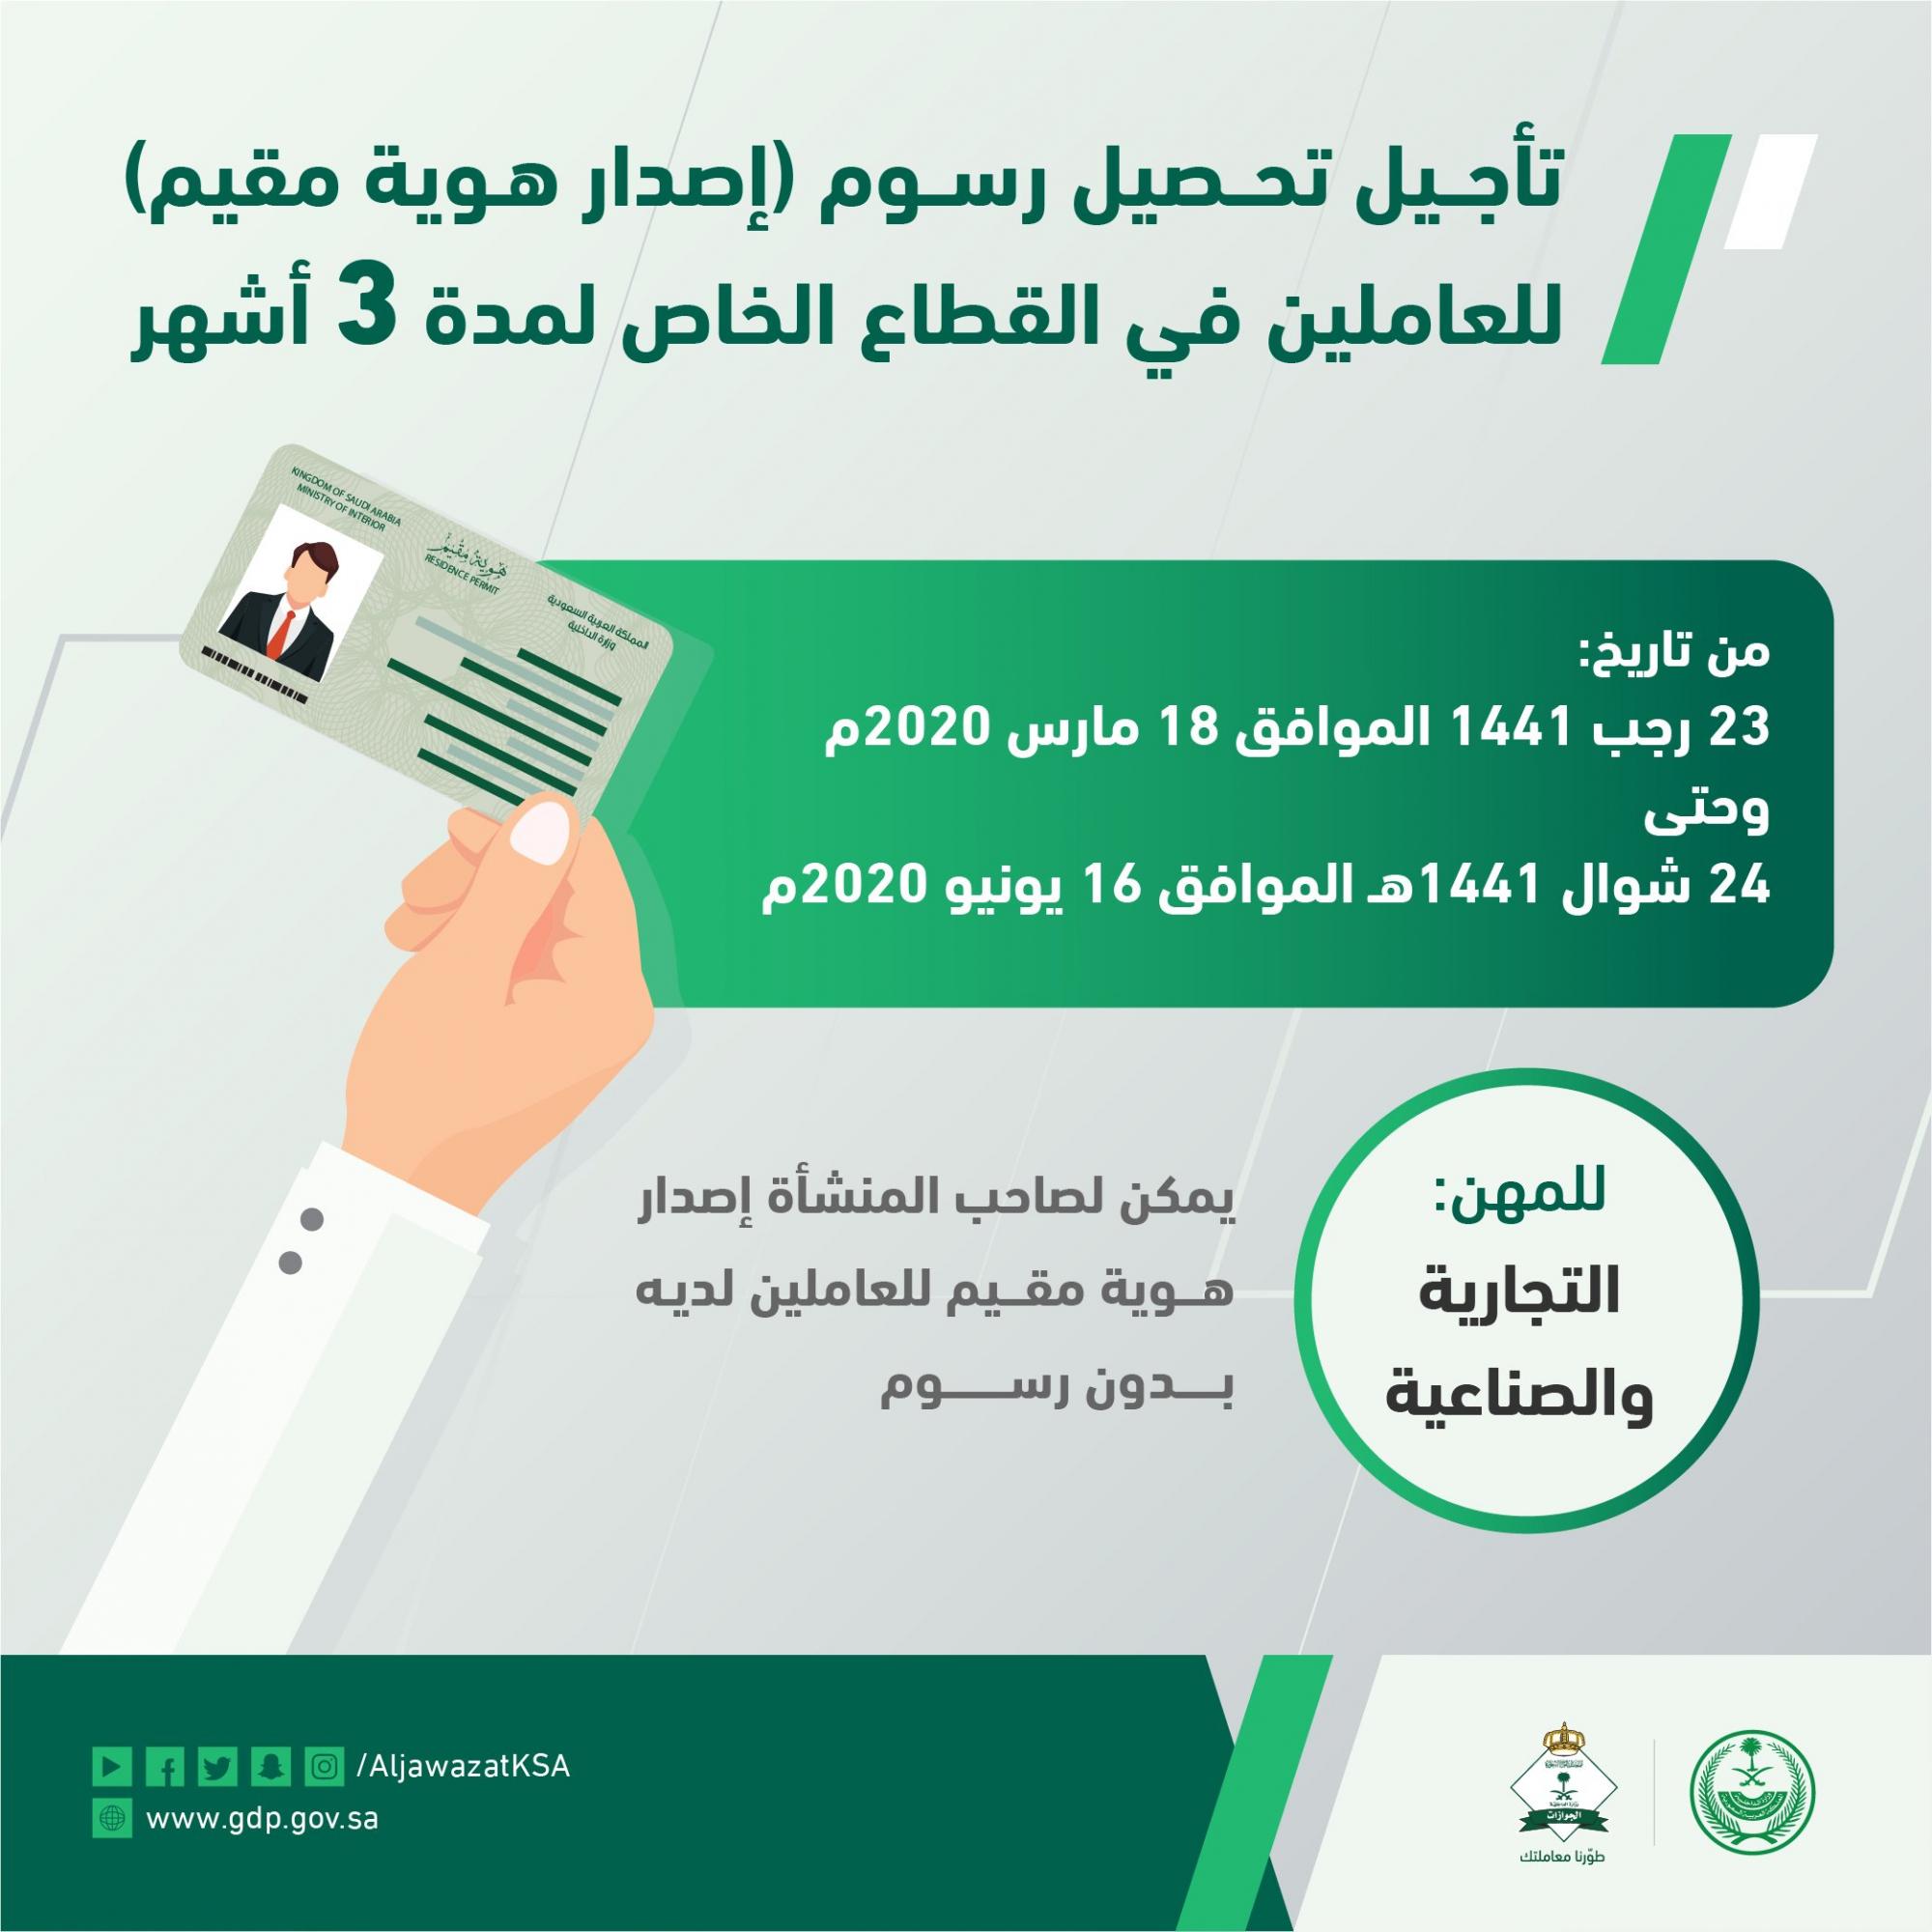 مجانا لثلاثة أشهر تمدبد هوية مقيم لمدة ثلاثة أشهر لمن هم داخل وخارج السعودية أريبيان بزنس